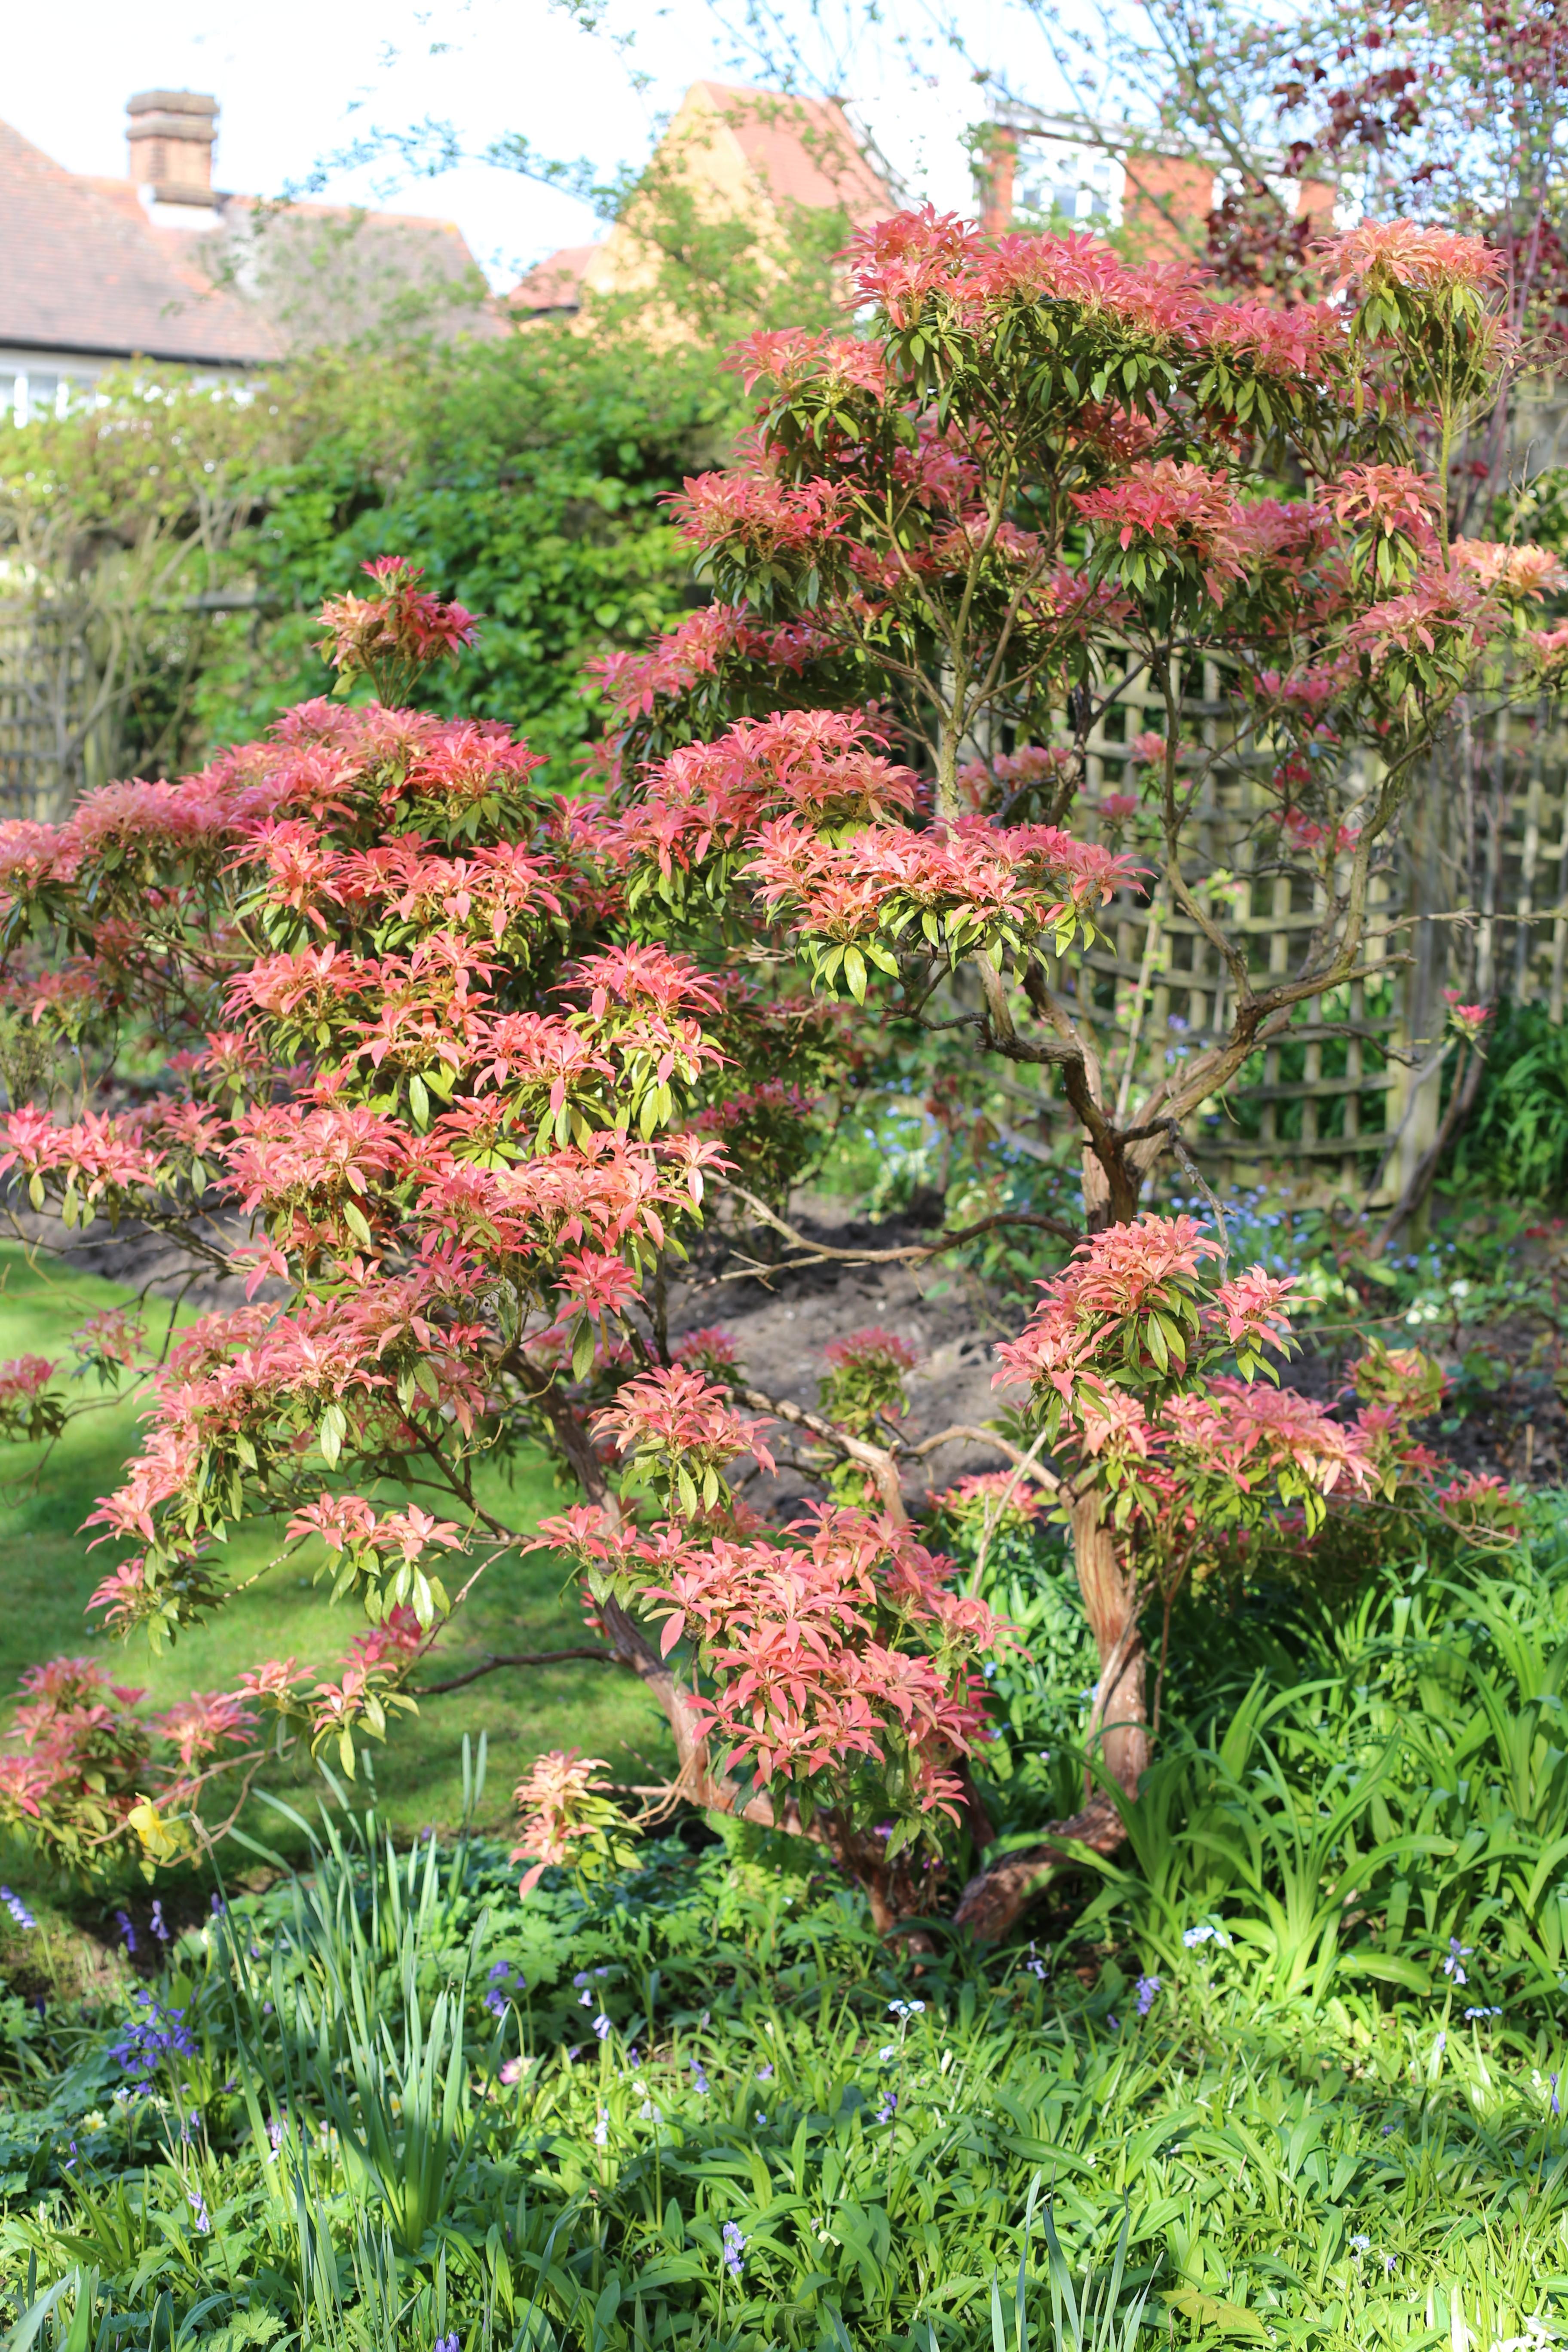 The Shearer garden in Woodford, Spring 2015